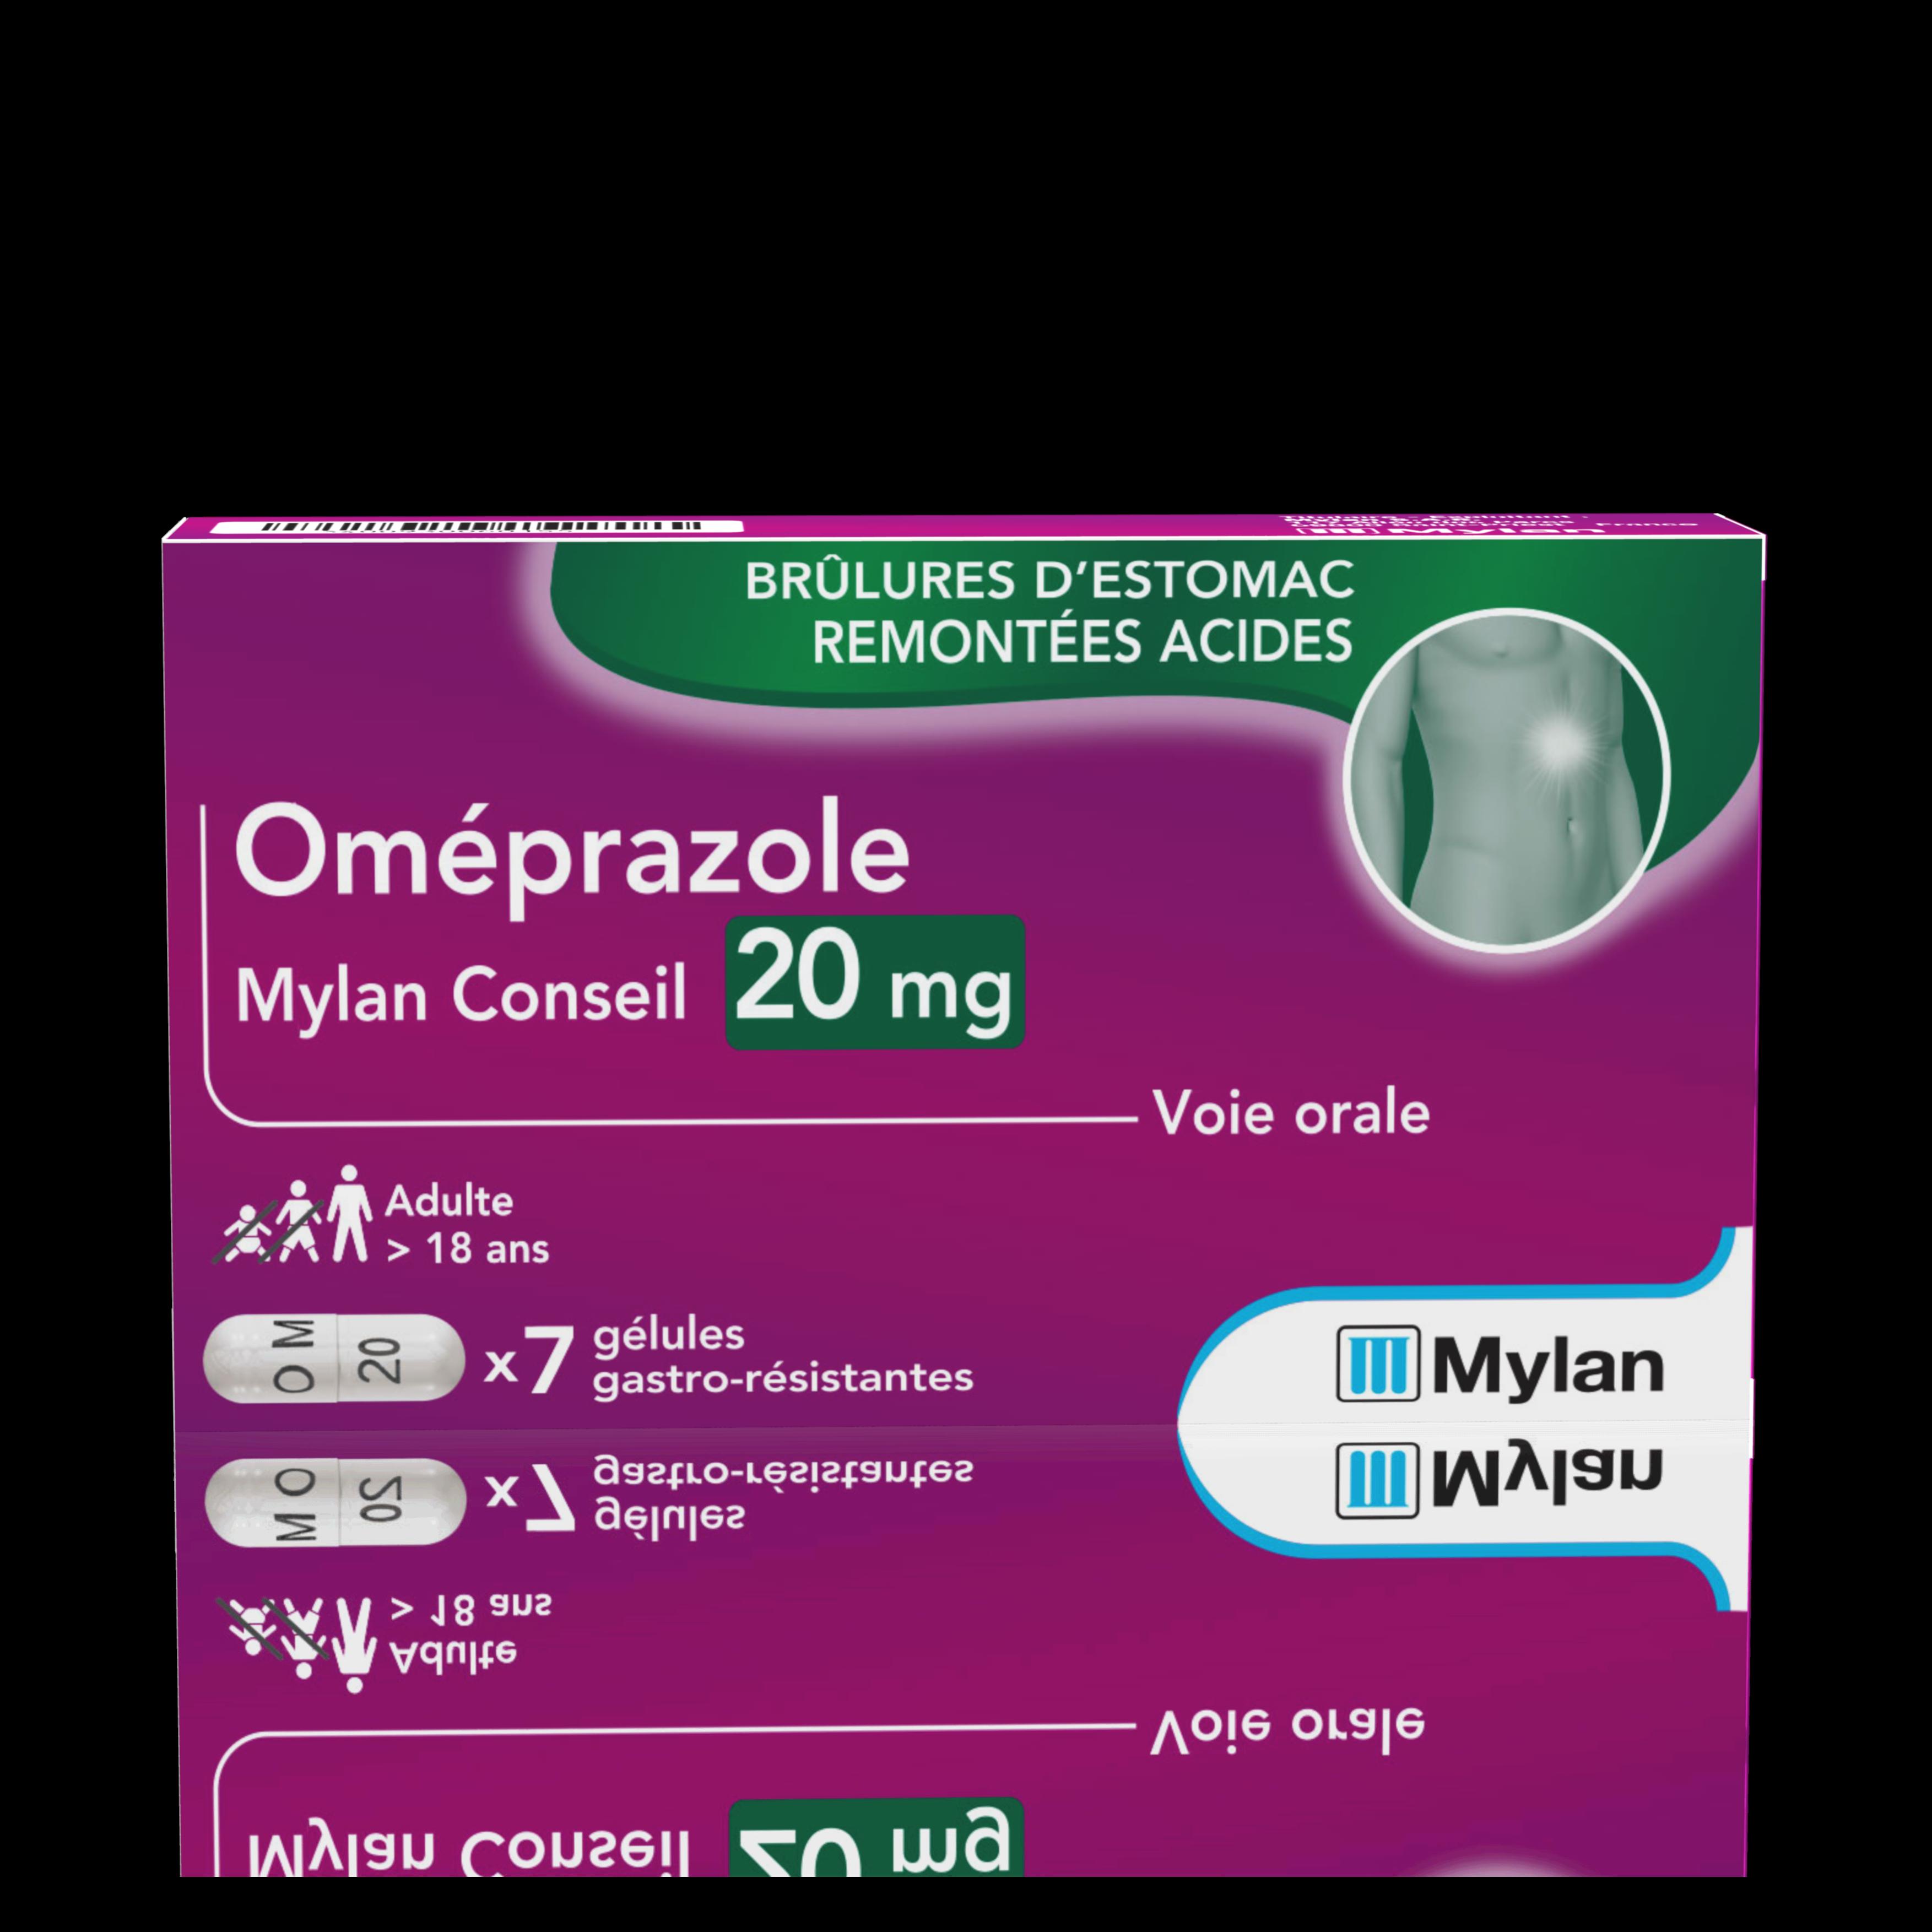 Omeprazole 20 Mg 7 Gelules